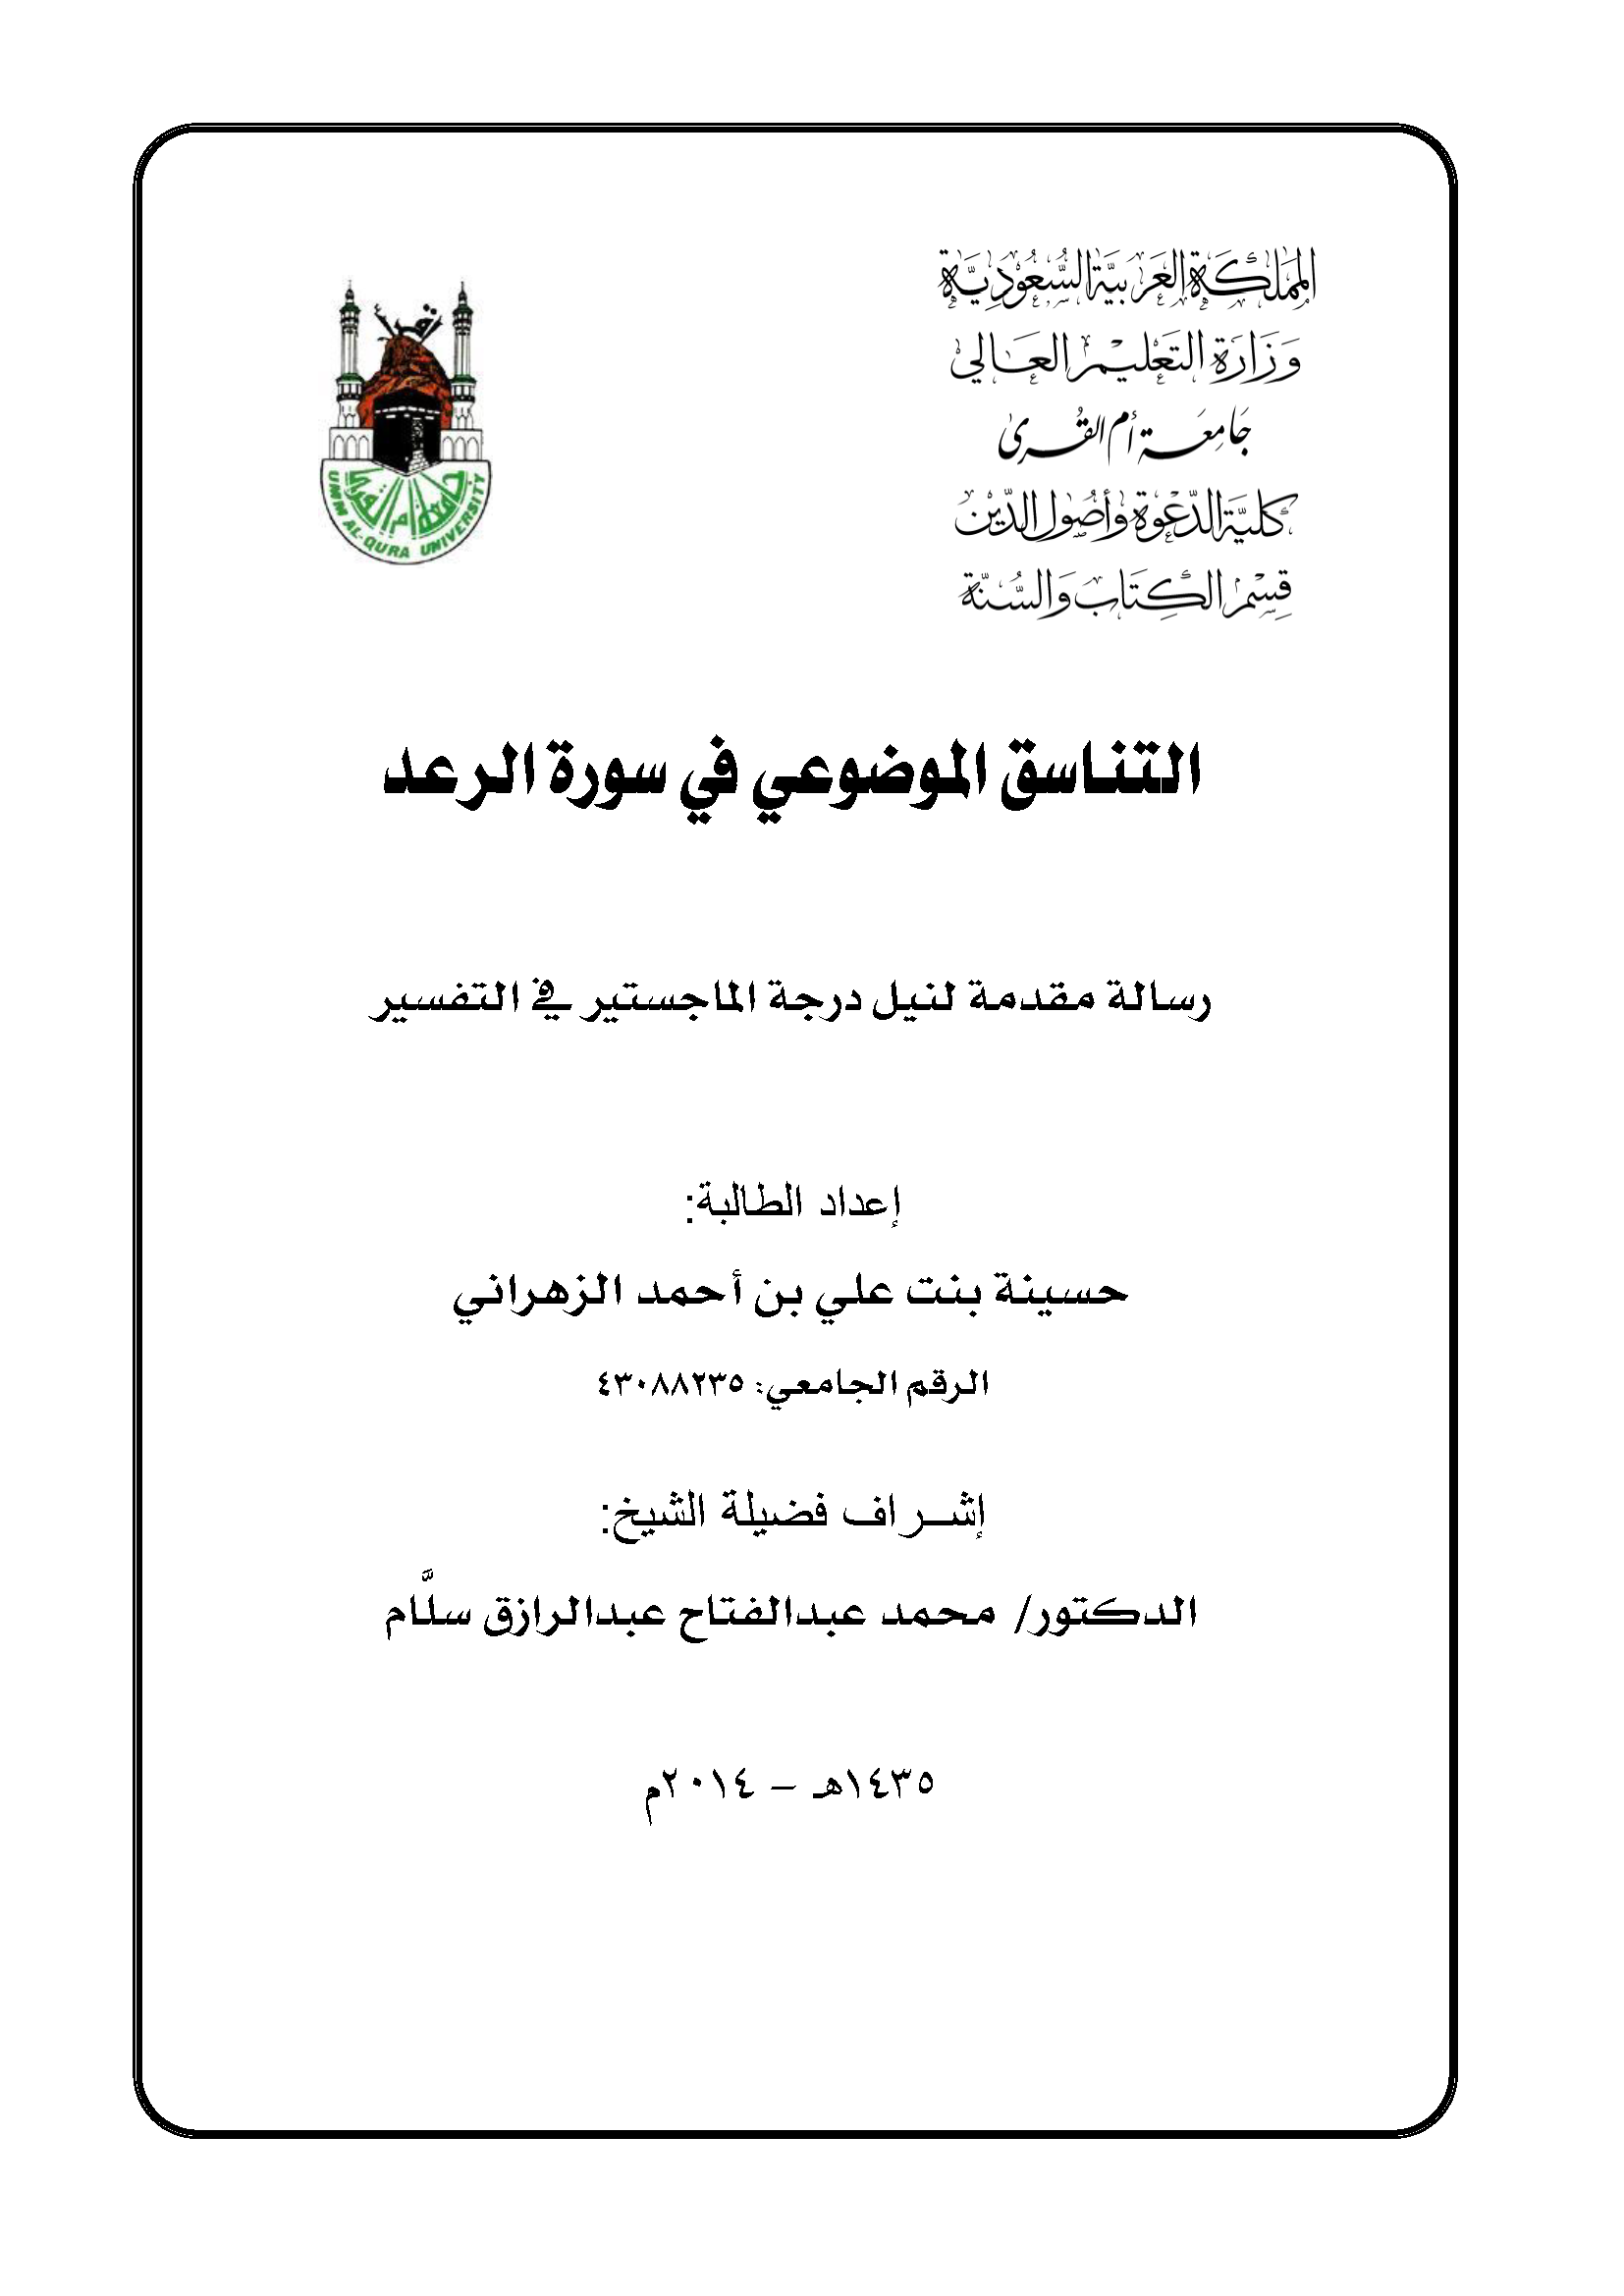 تحميل كتاب التناسق الموضوعي في سورة الرعد لـِ: حسينة بنت علي بن أحمد الزهراني